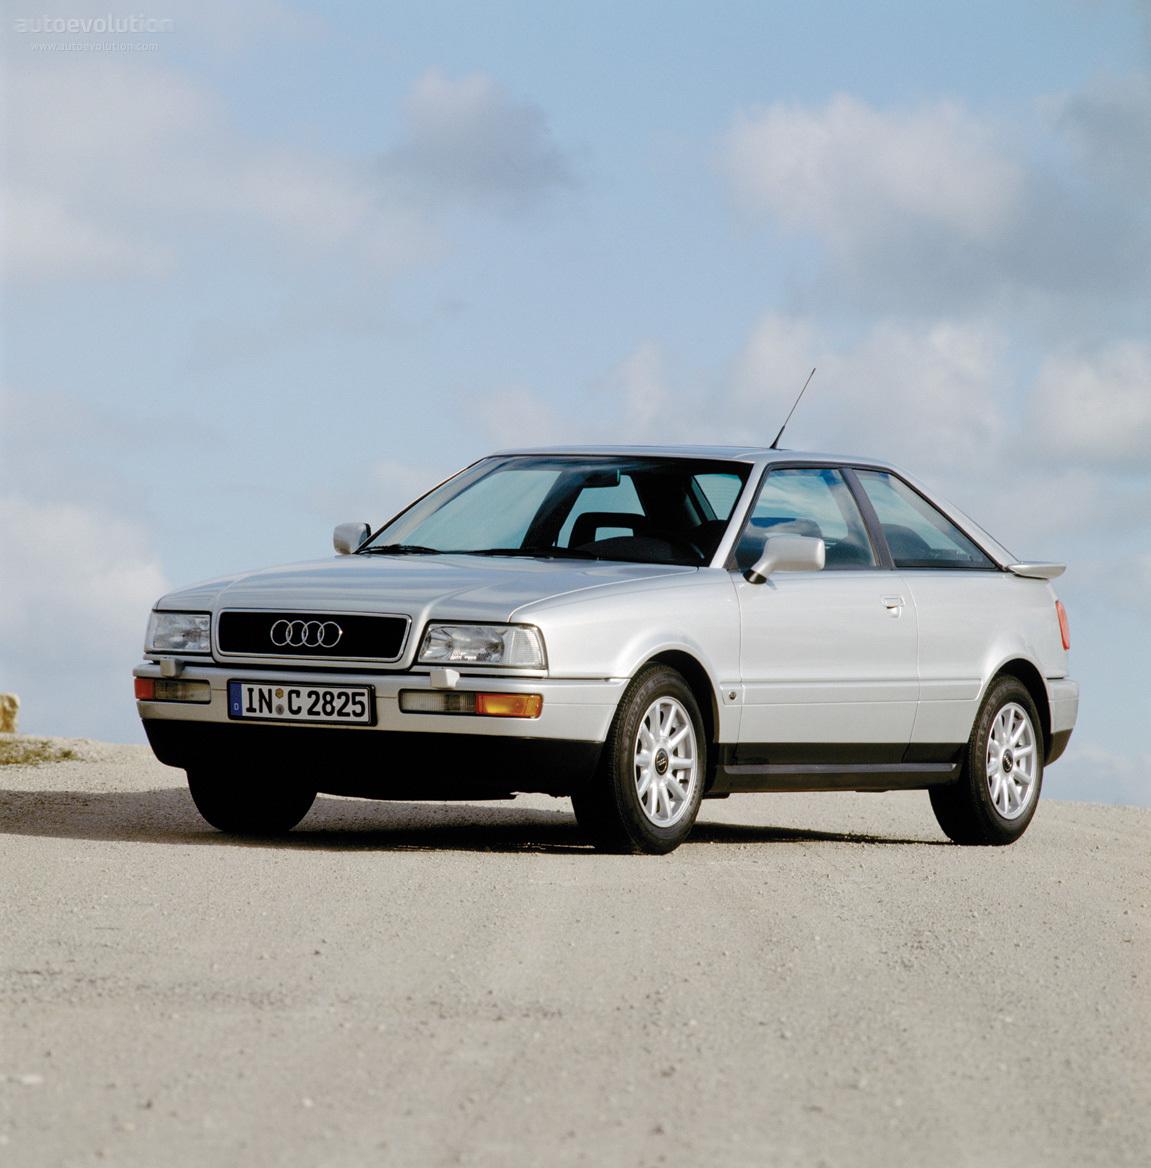 1995 Audi Cabriolet Camshaft: 1991, 1992, 1993, 1994, 1995, 1996